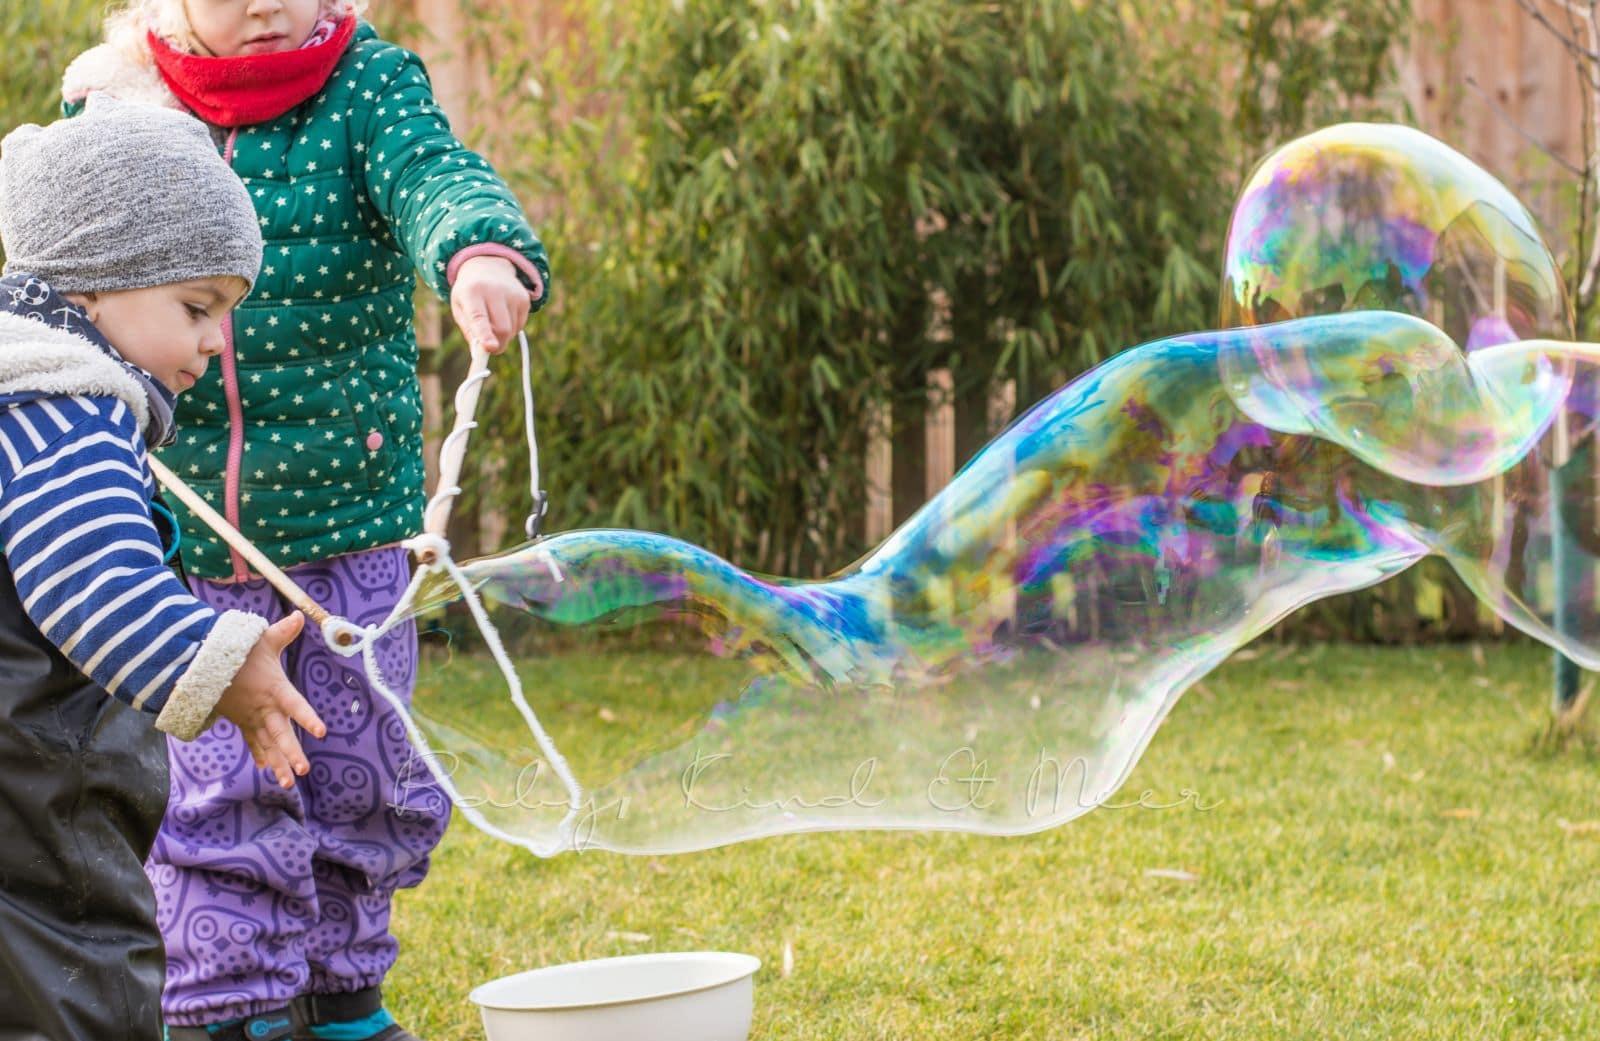 Riesenseifenblasen Diy  RIESEN SEIFENBLASEN SELBER MACHEN DIY Inspirationen